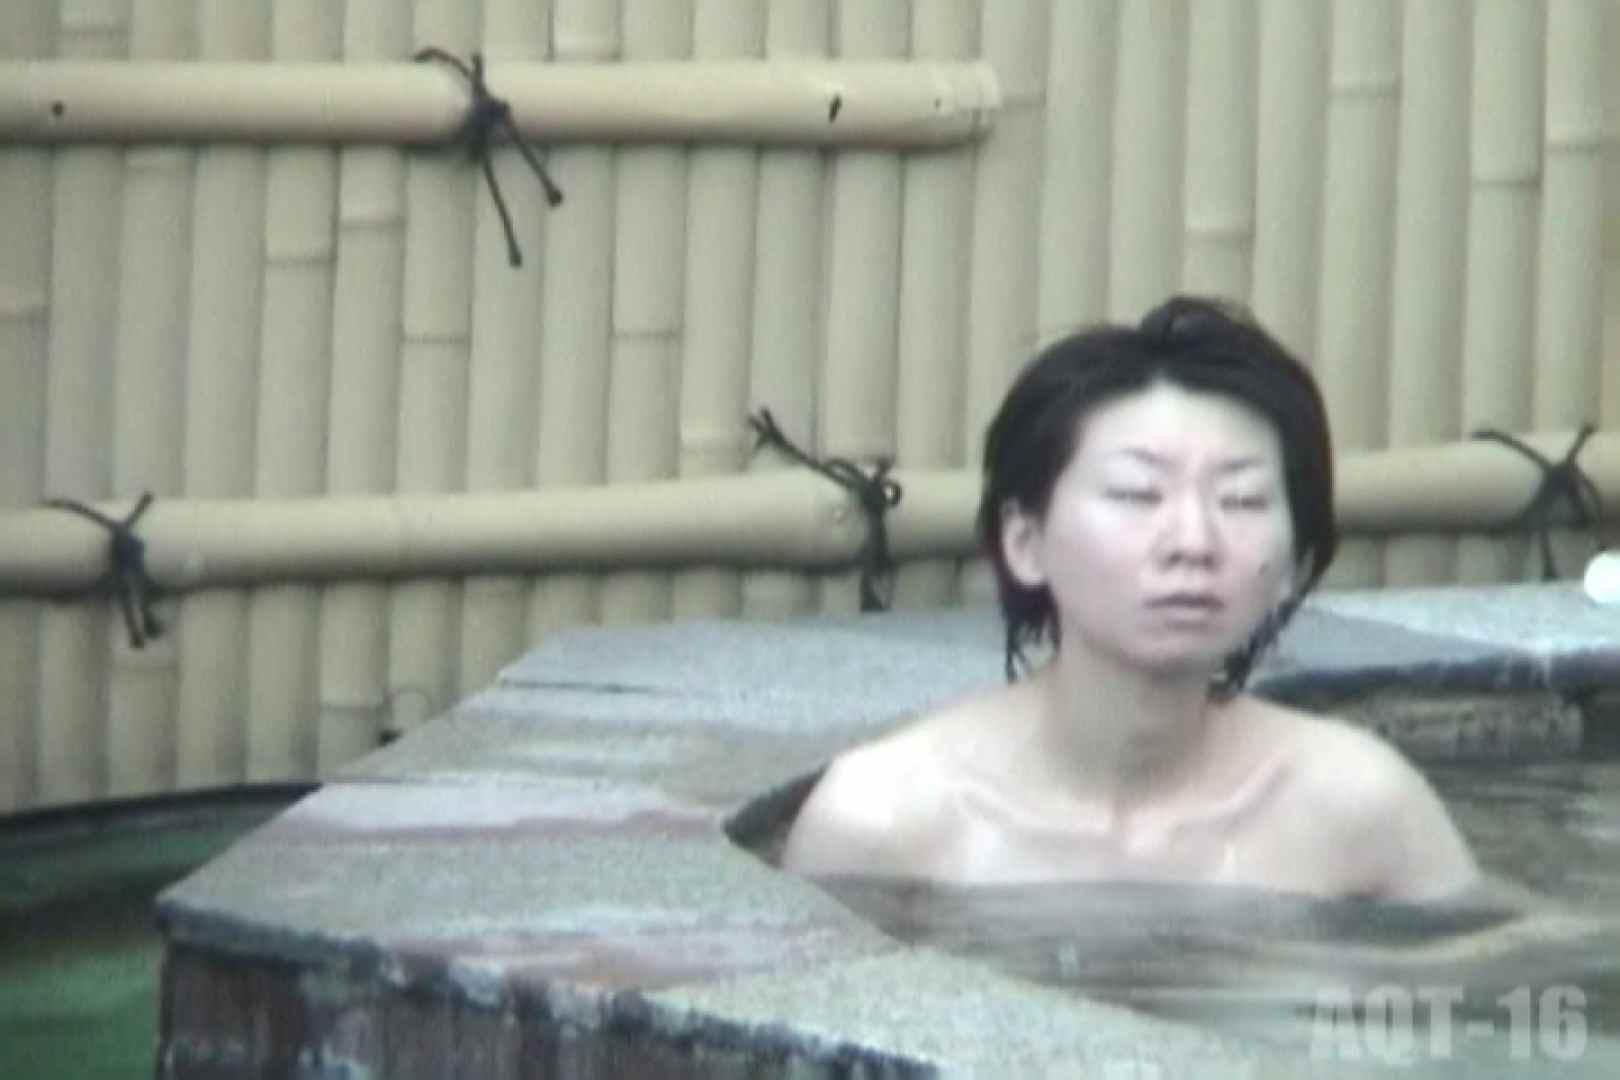 Aquaな露天風呂Vol.842 盗撮師作品   美しいOLの裸体  96pic 28